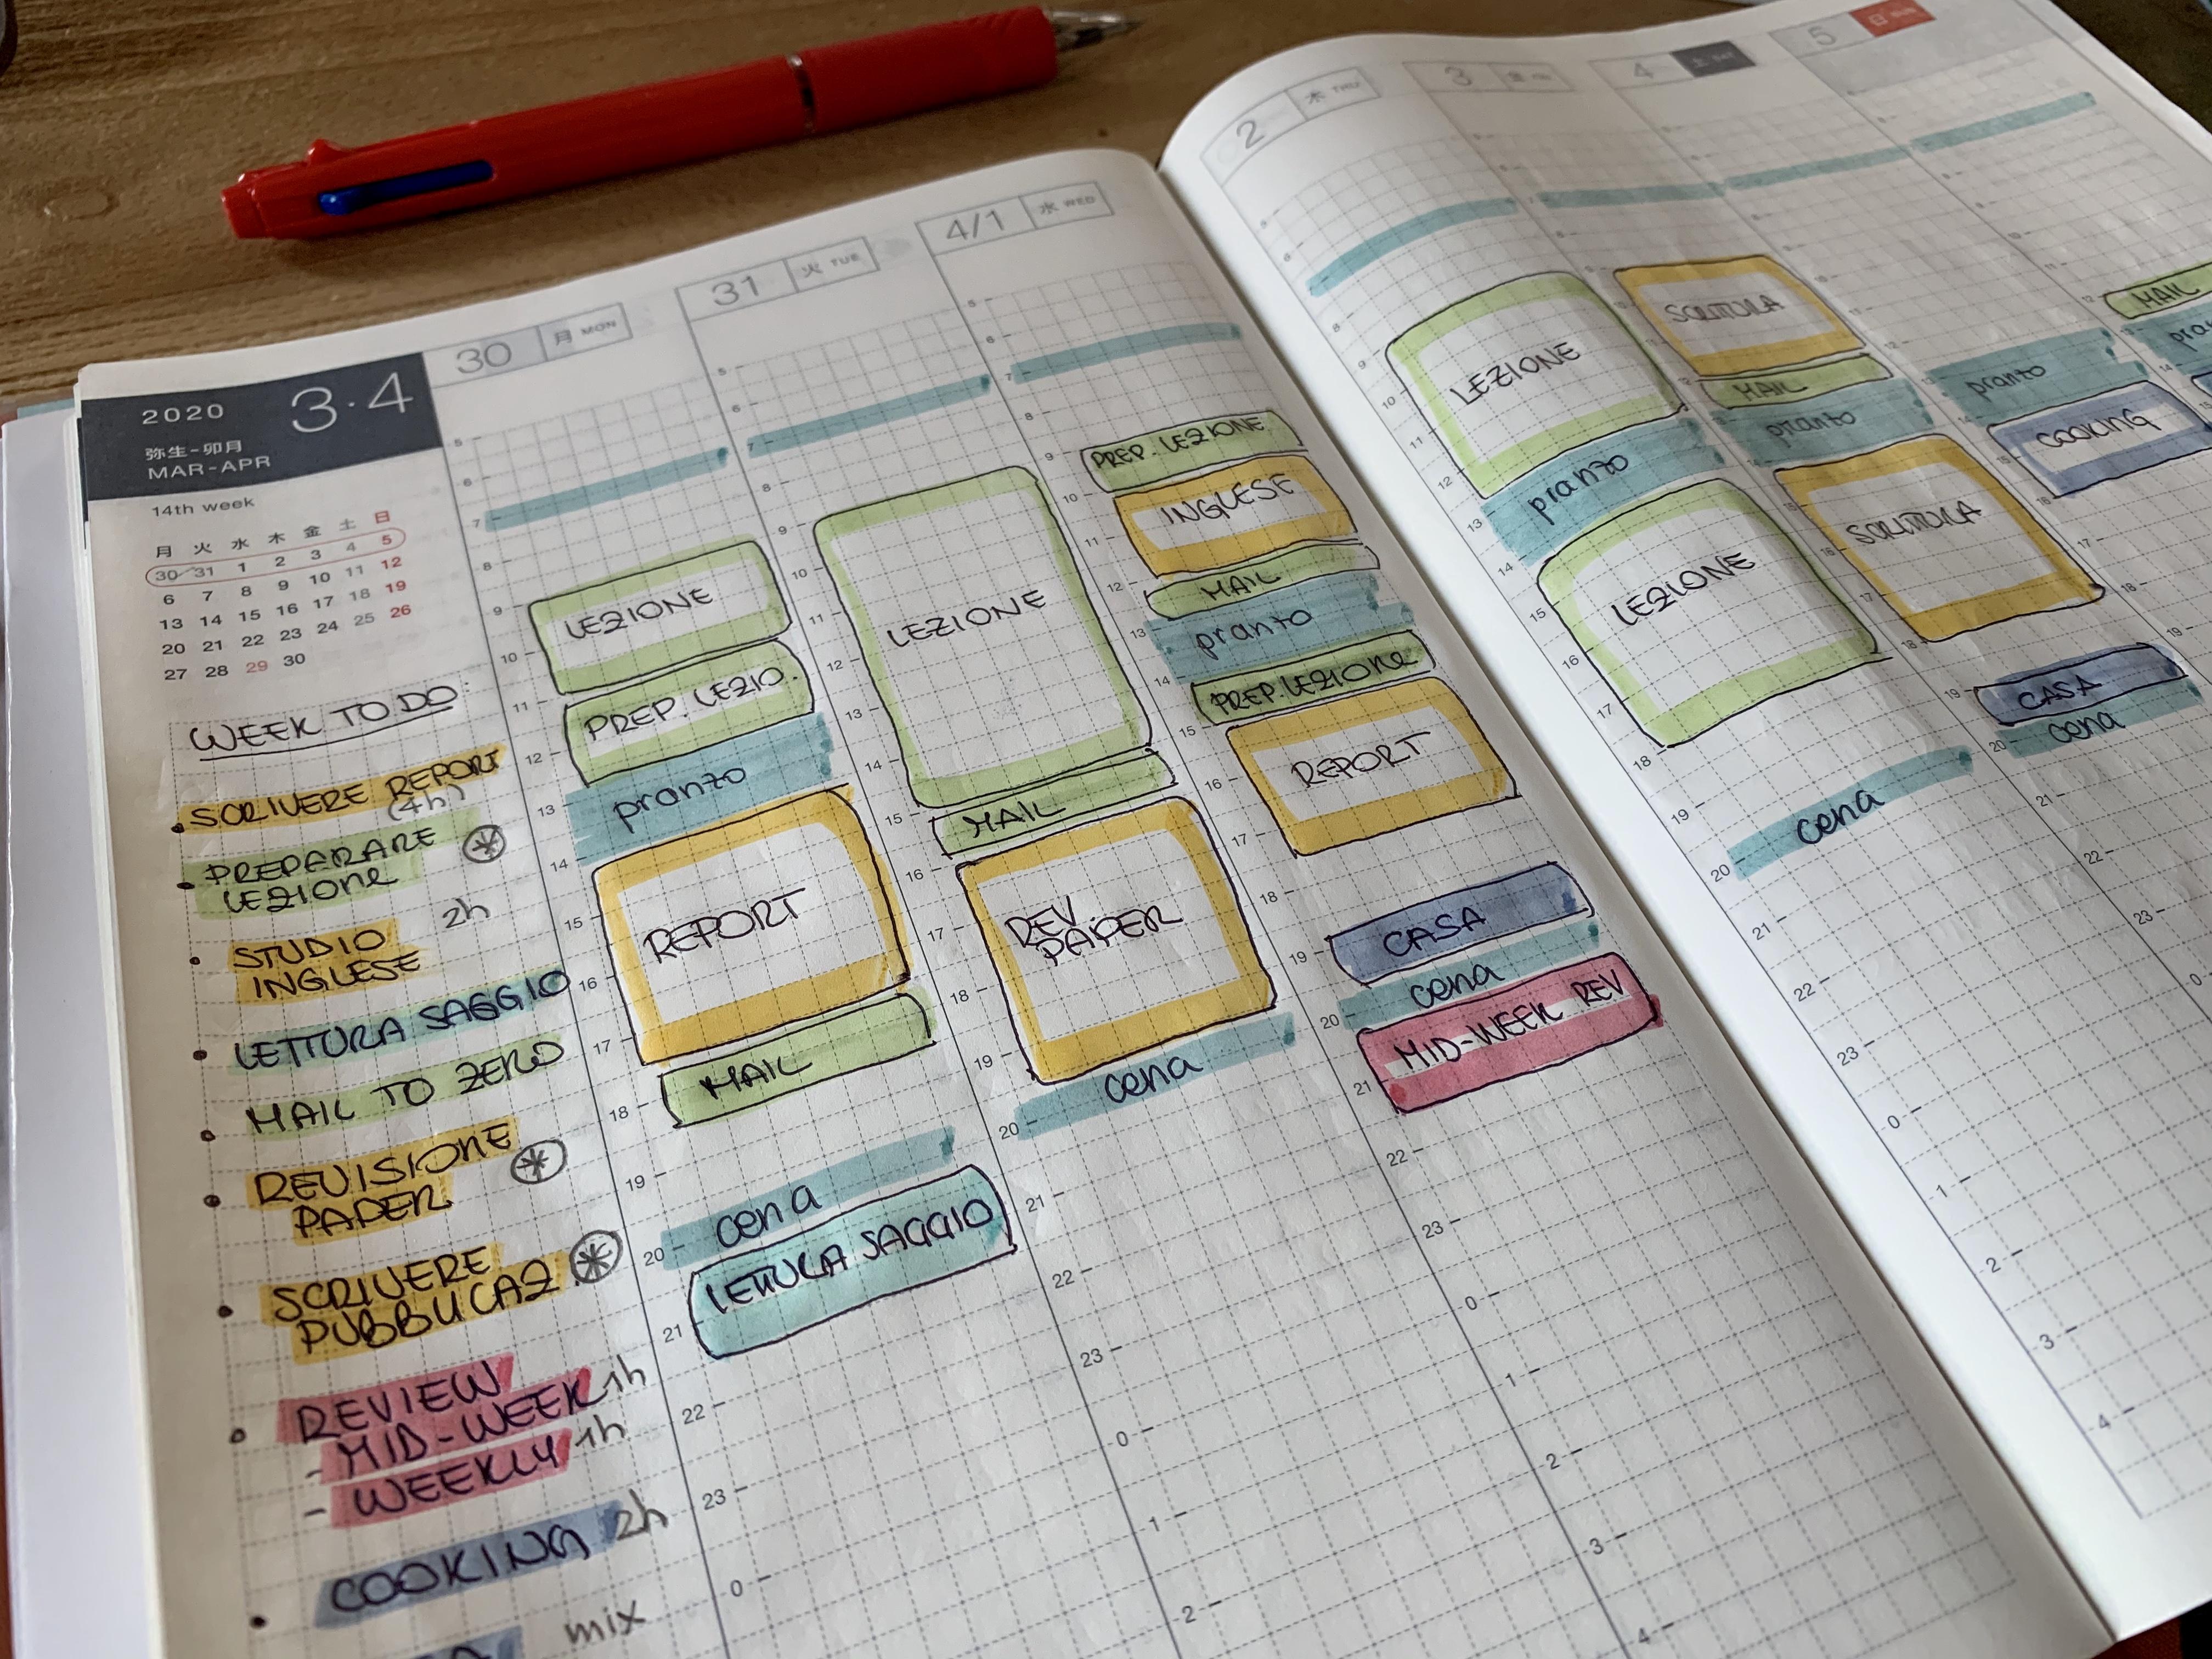 Maninlibri_Hobonichi_Planning_2020